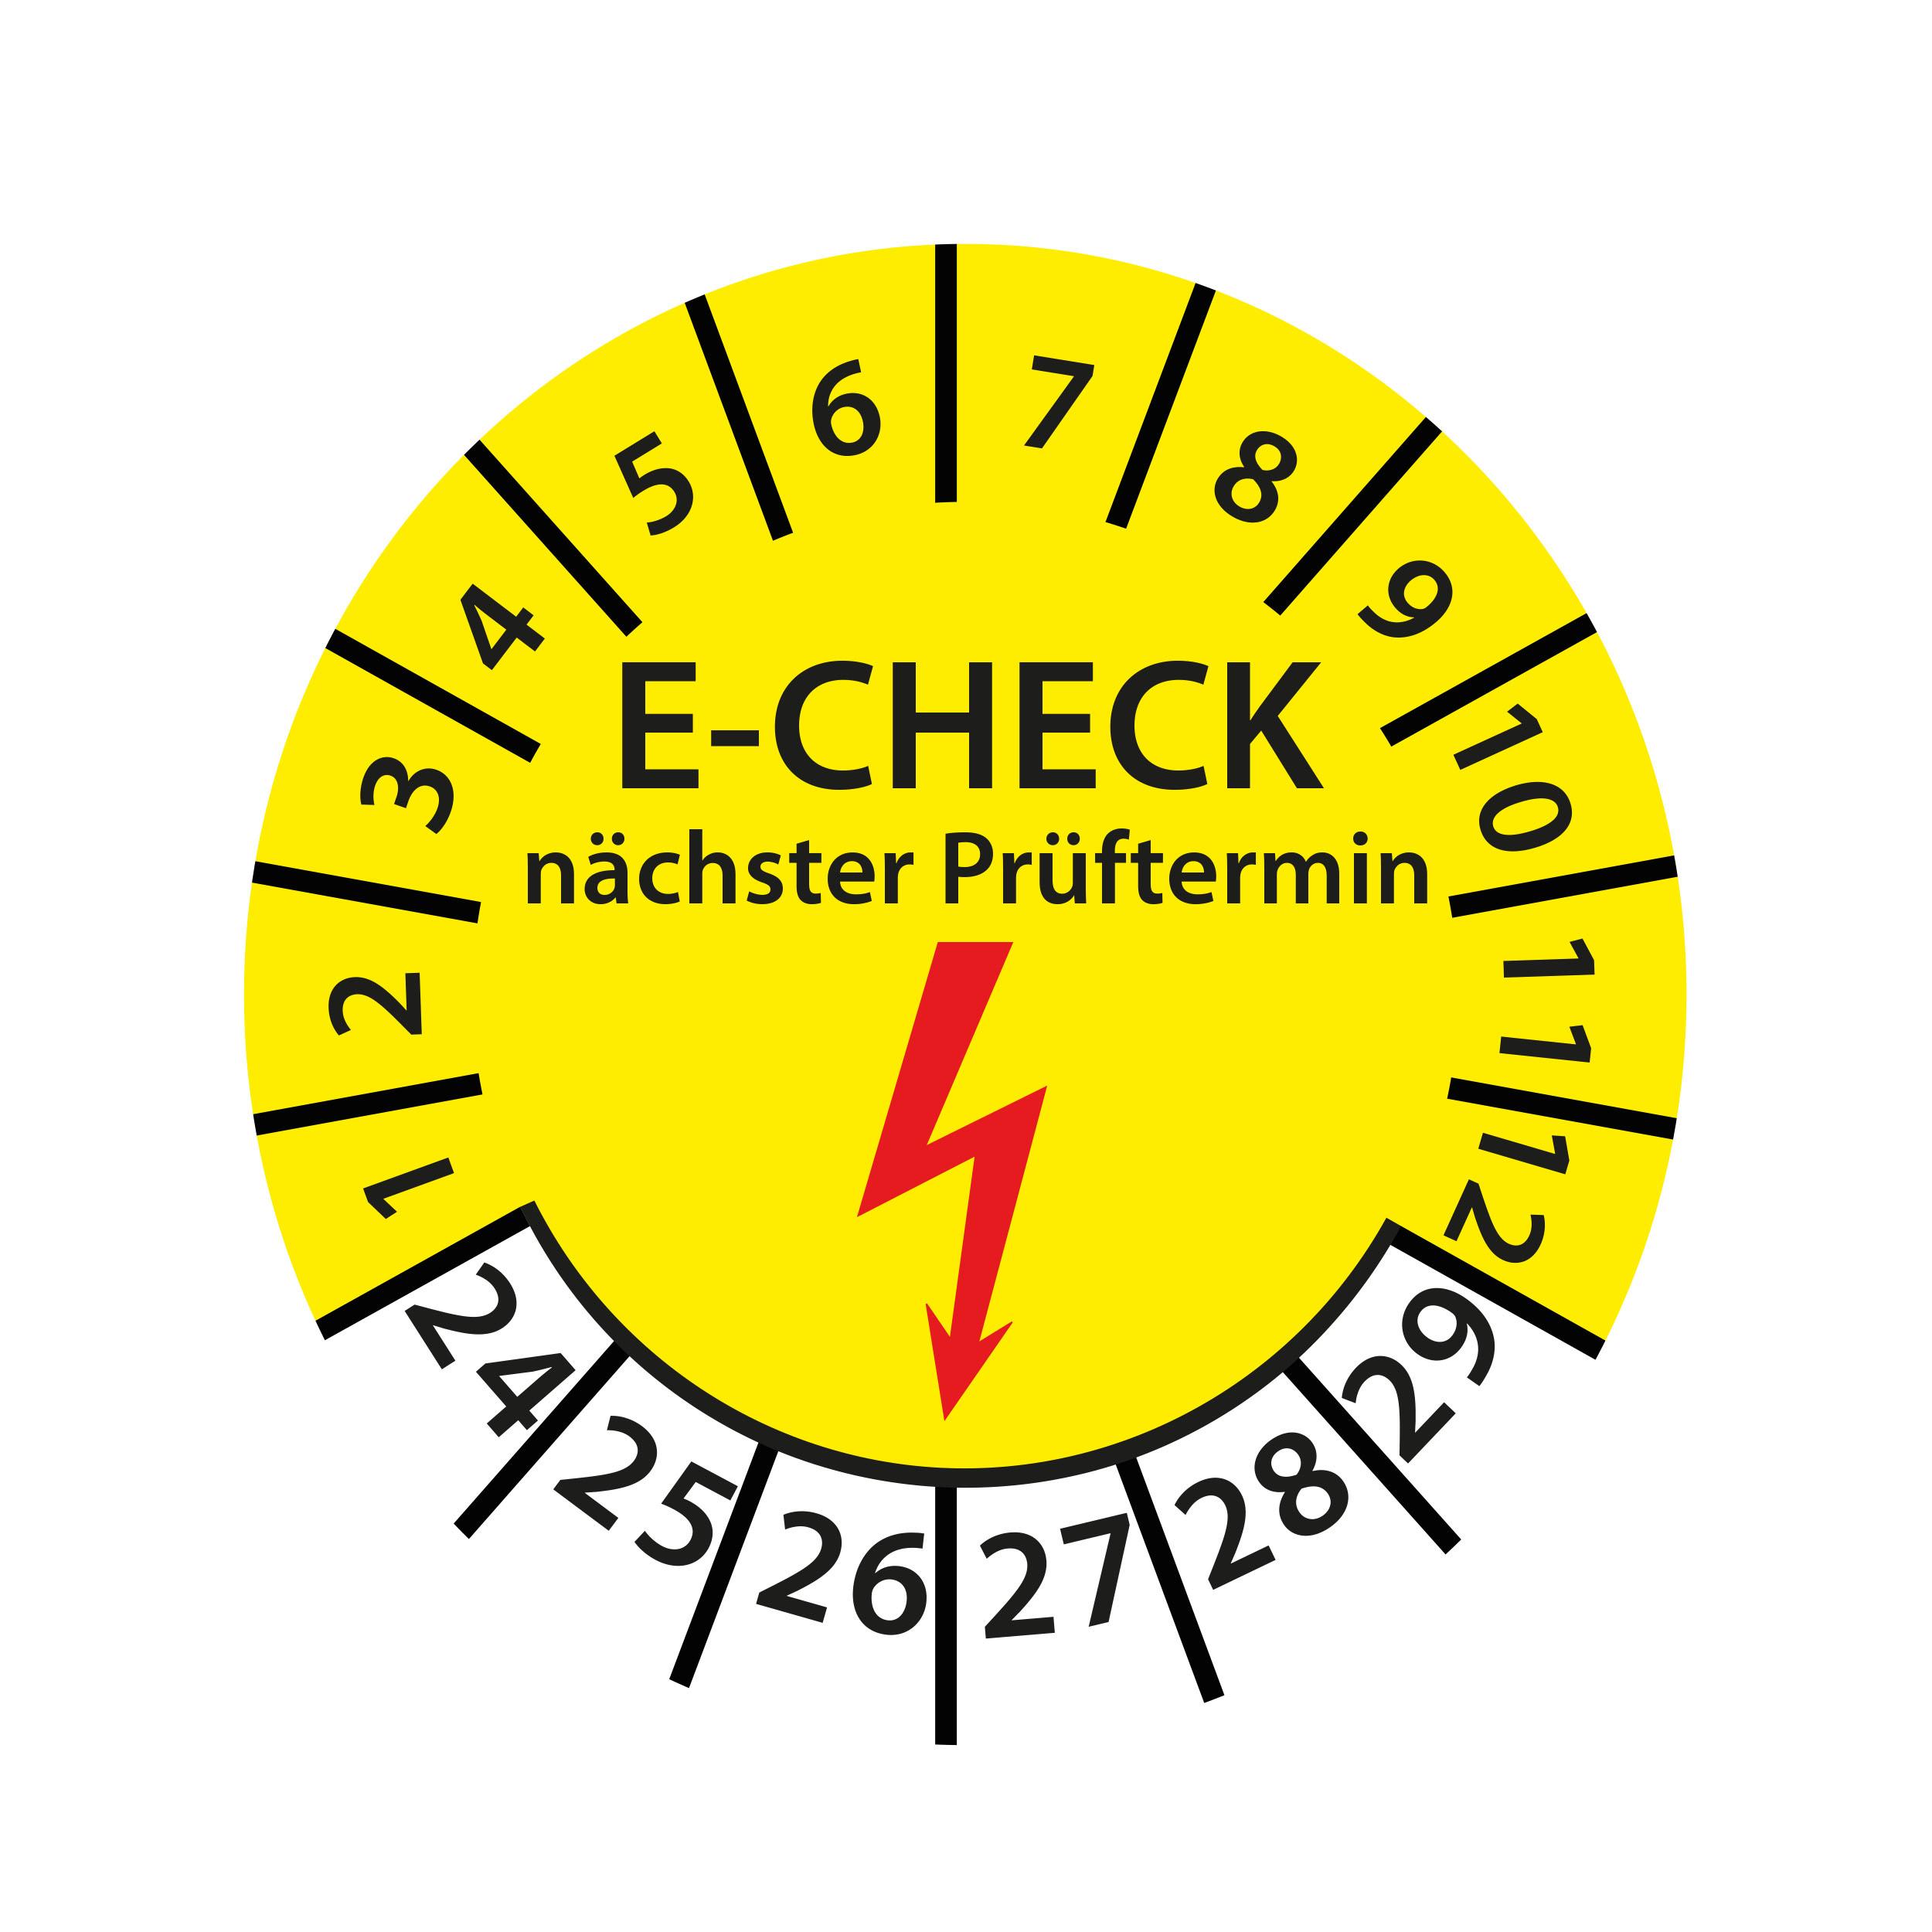 Prüfplakette E-Check nächster Prüftermin 2024-2029 Ø 30mm Rund Gelb Prüfetikett Prüfaufkleber